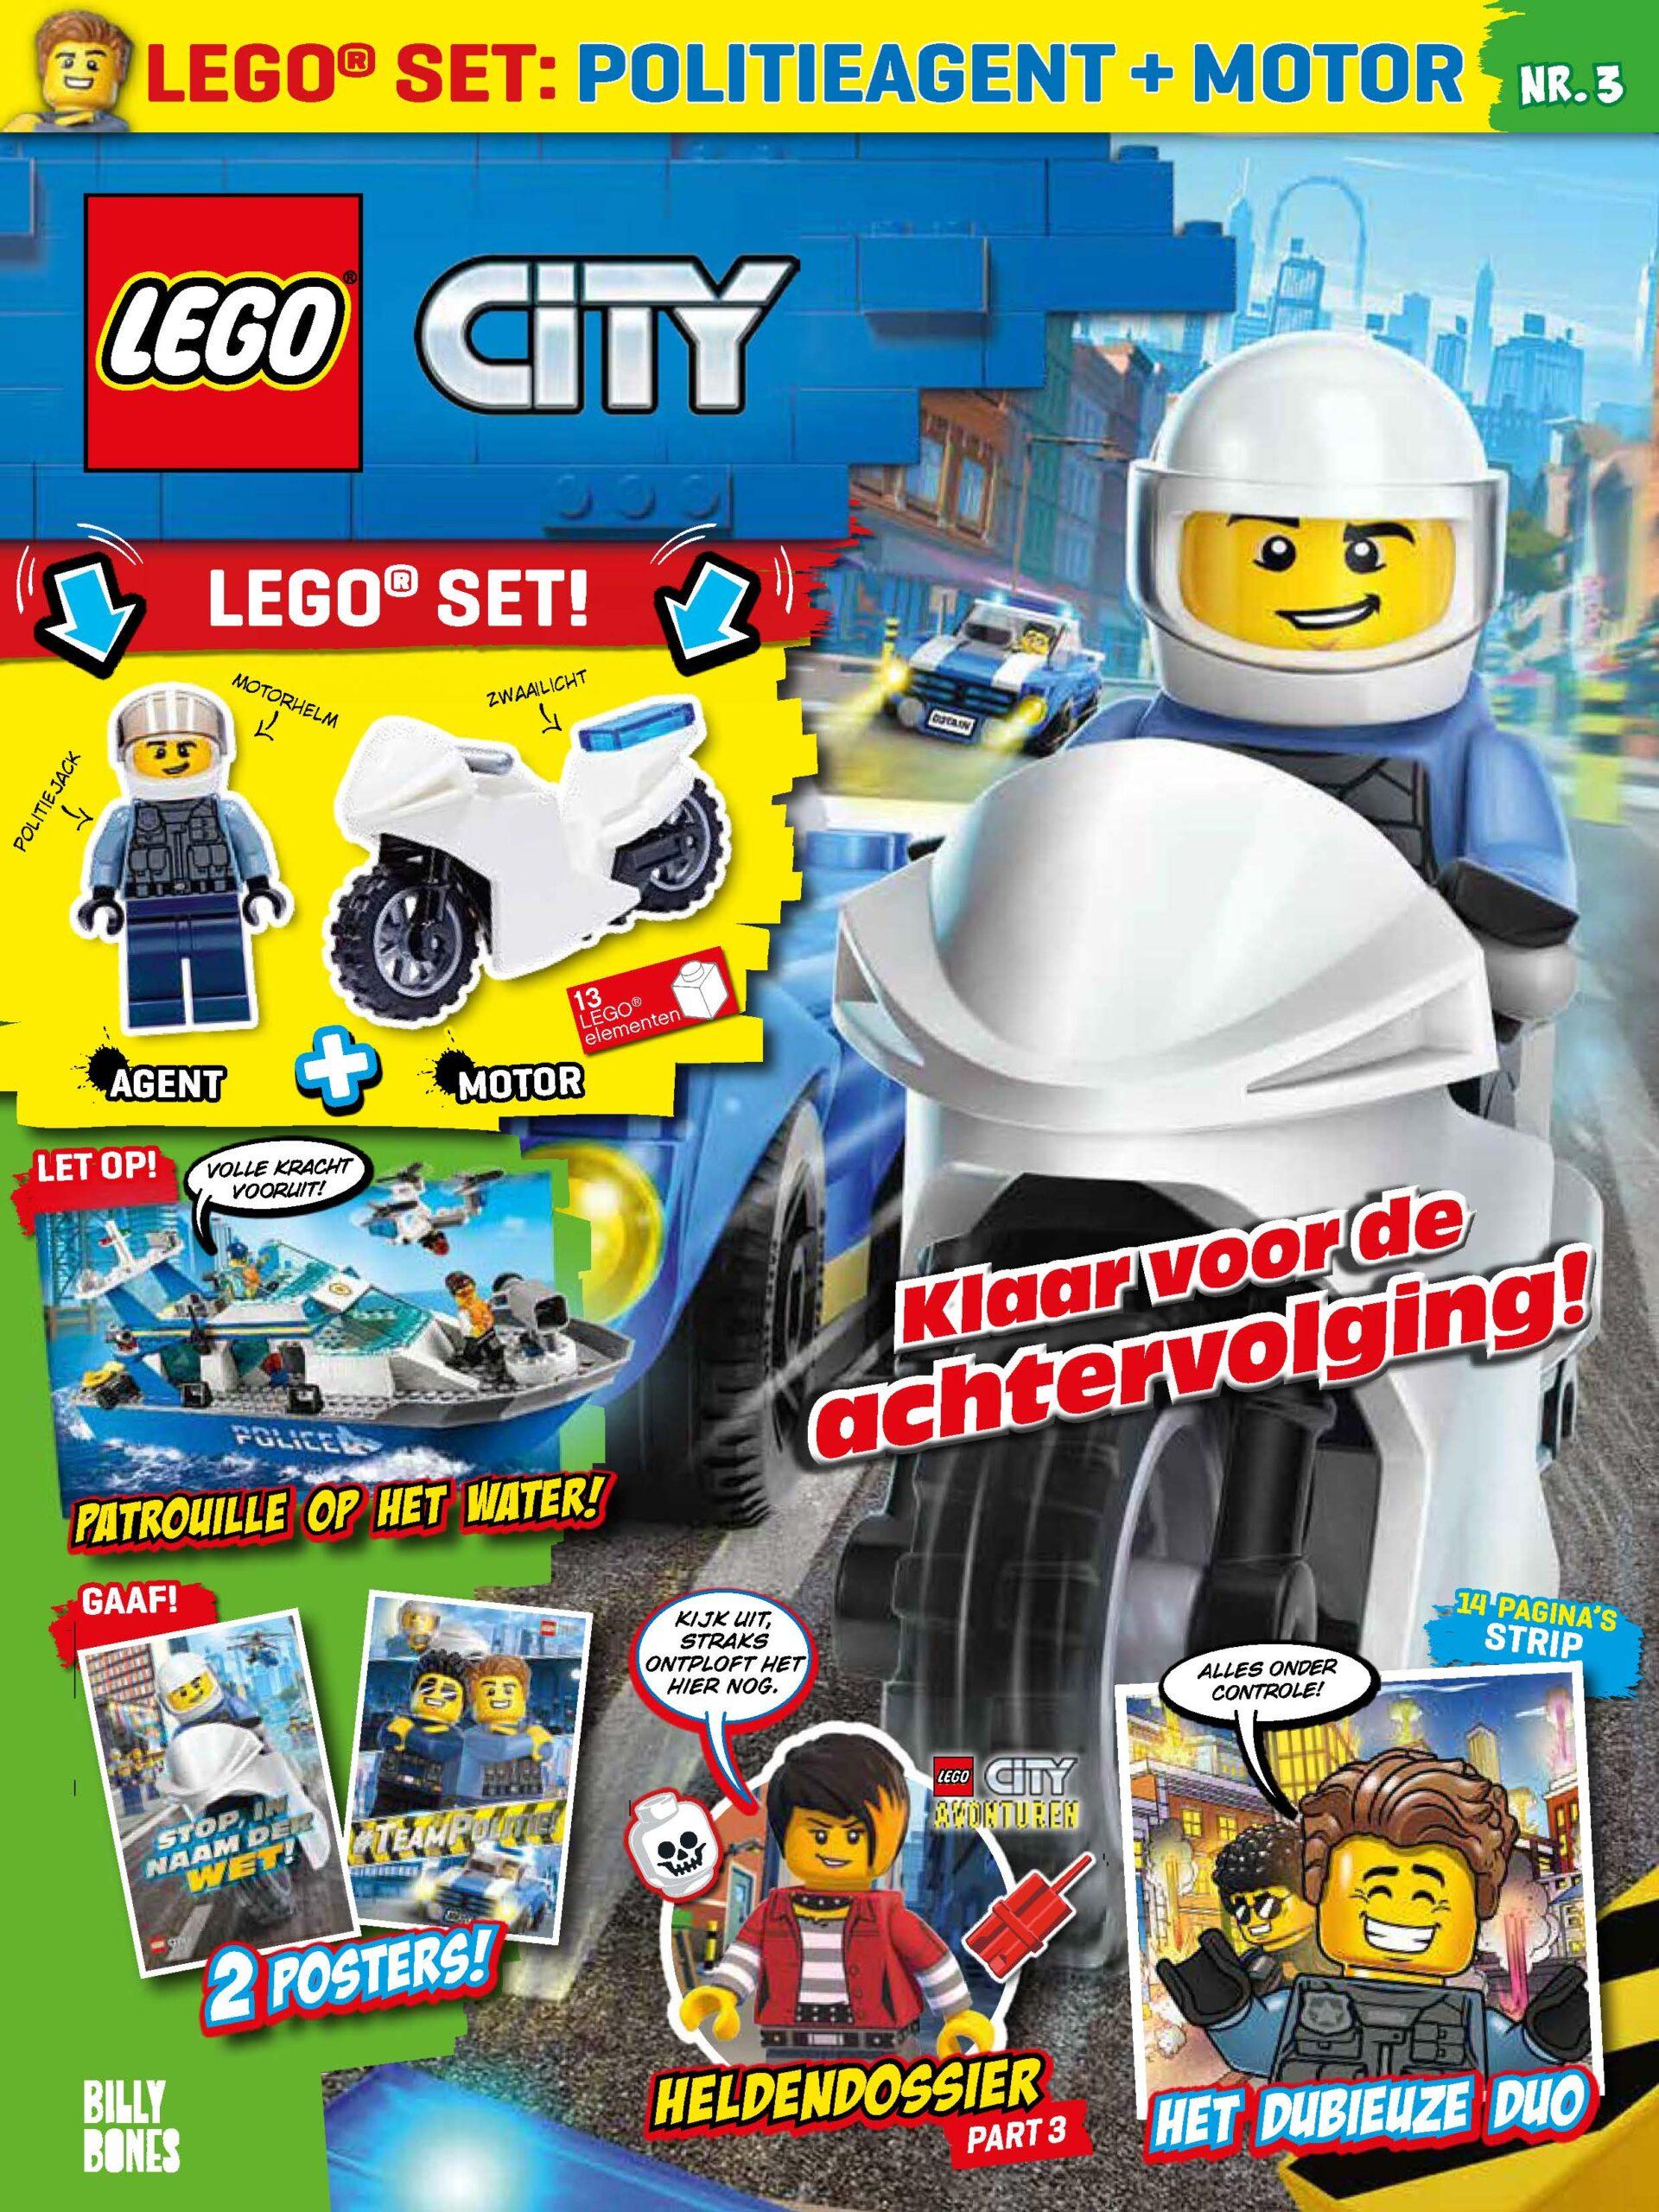 LEGO City magazine 03 2021